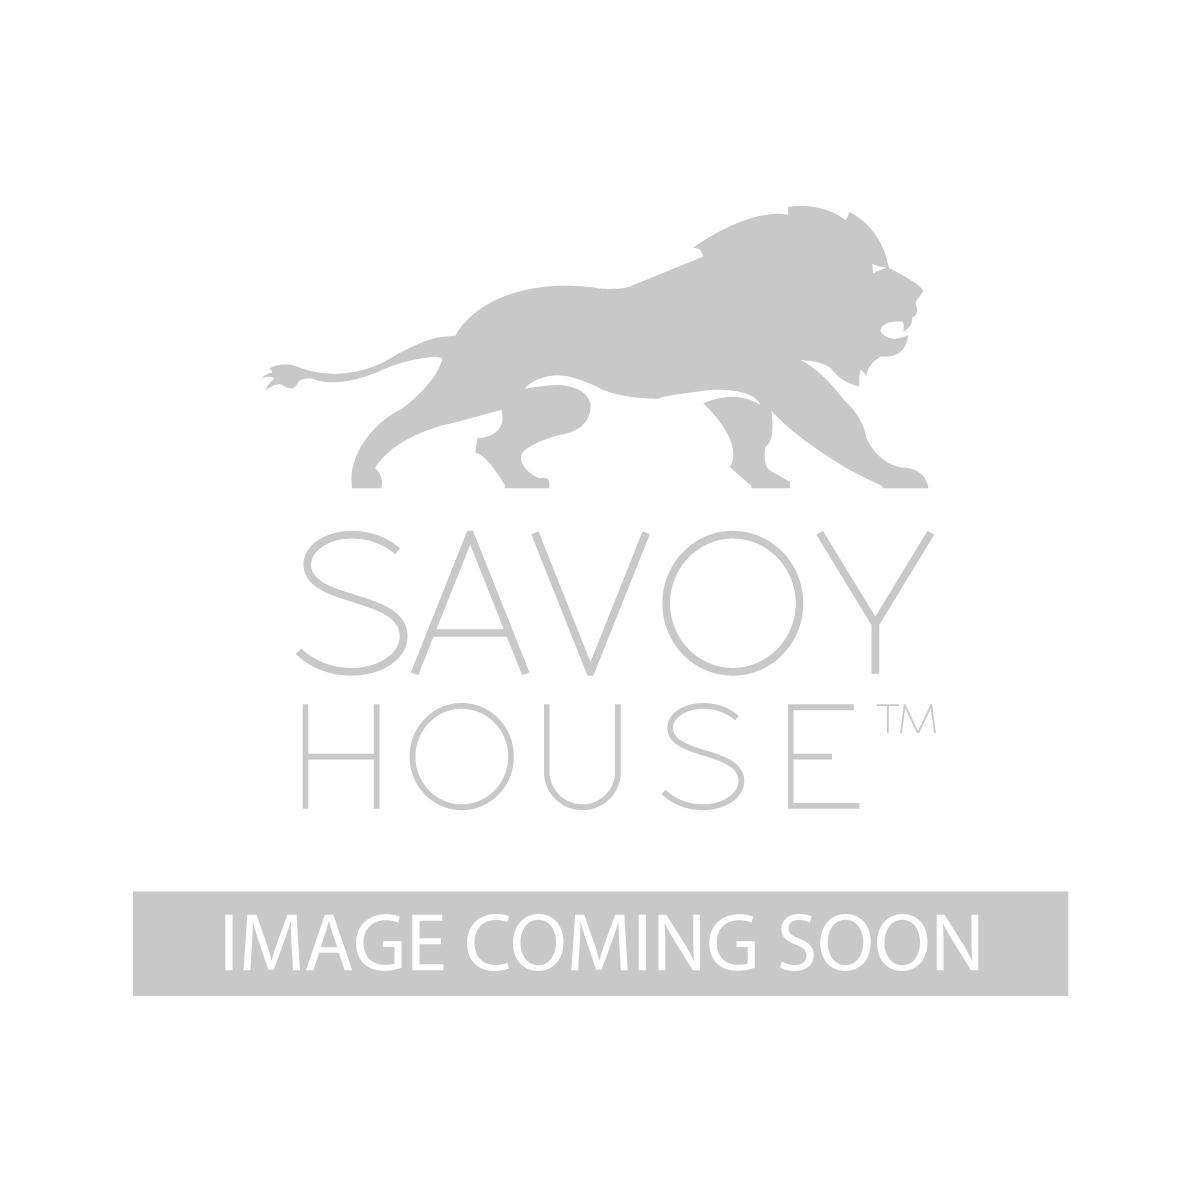 52 fan 5wa 13 the builder specialty ceiling fan by savoy house aloadofball Gallery